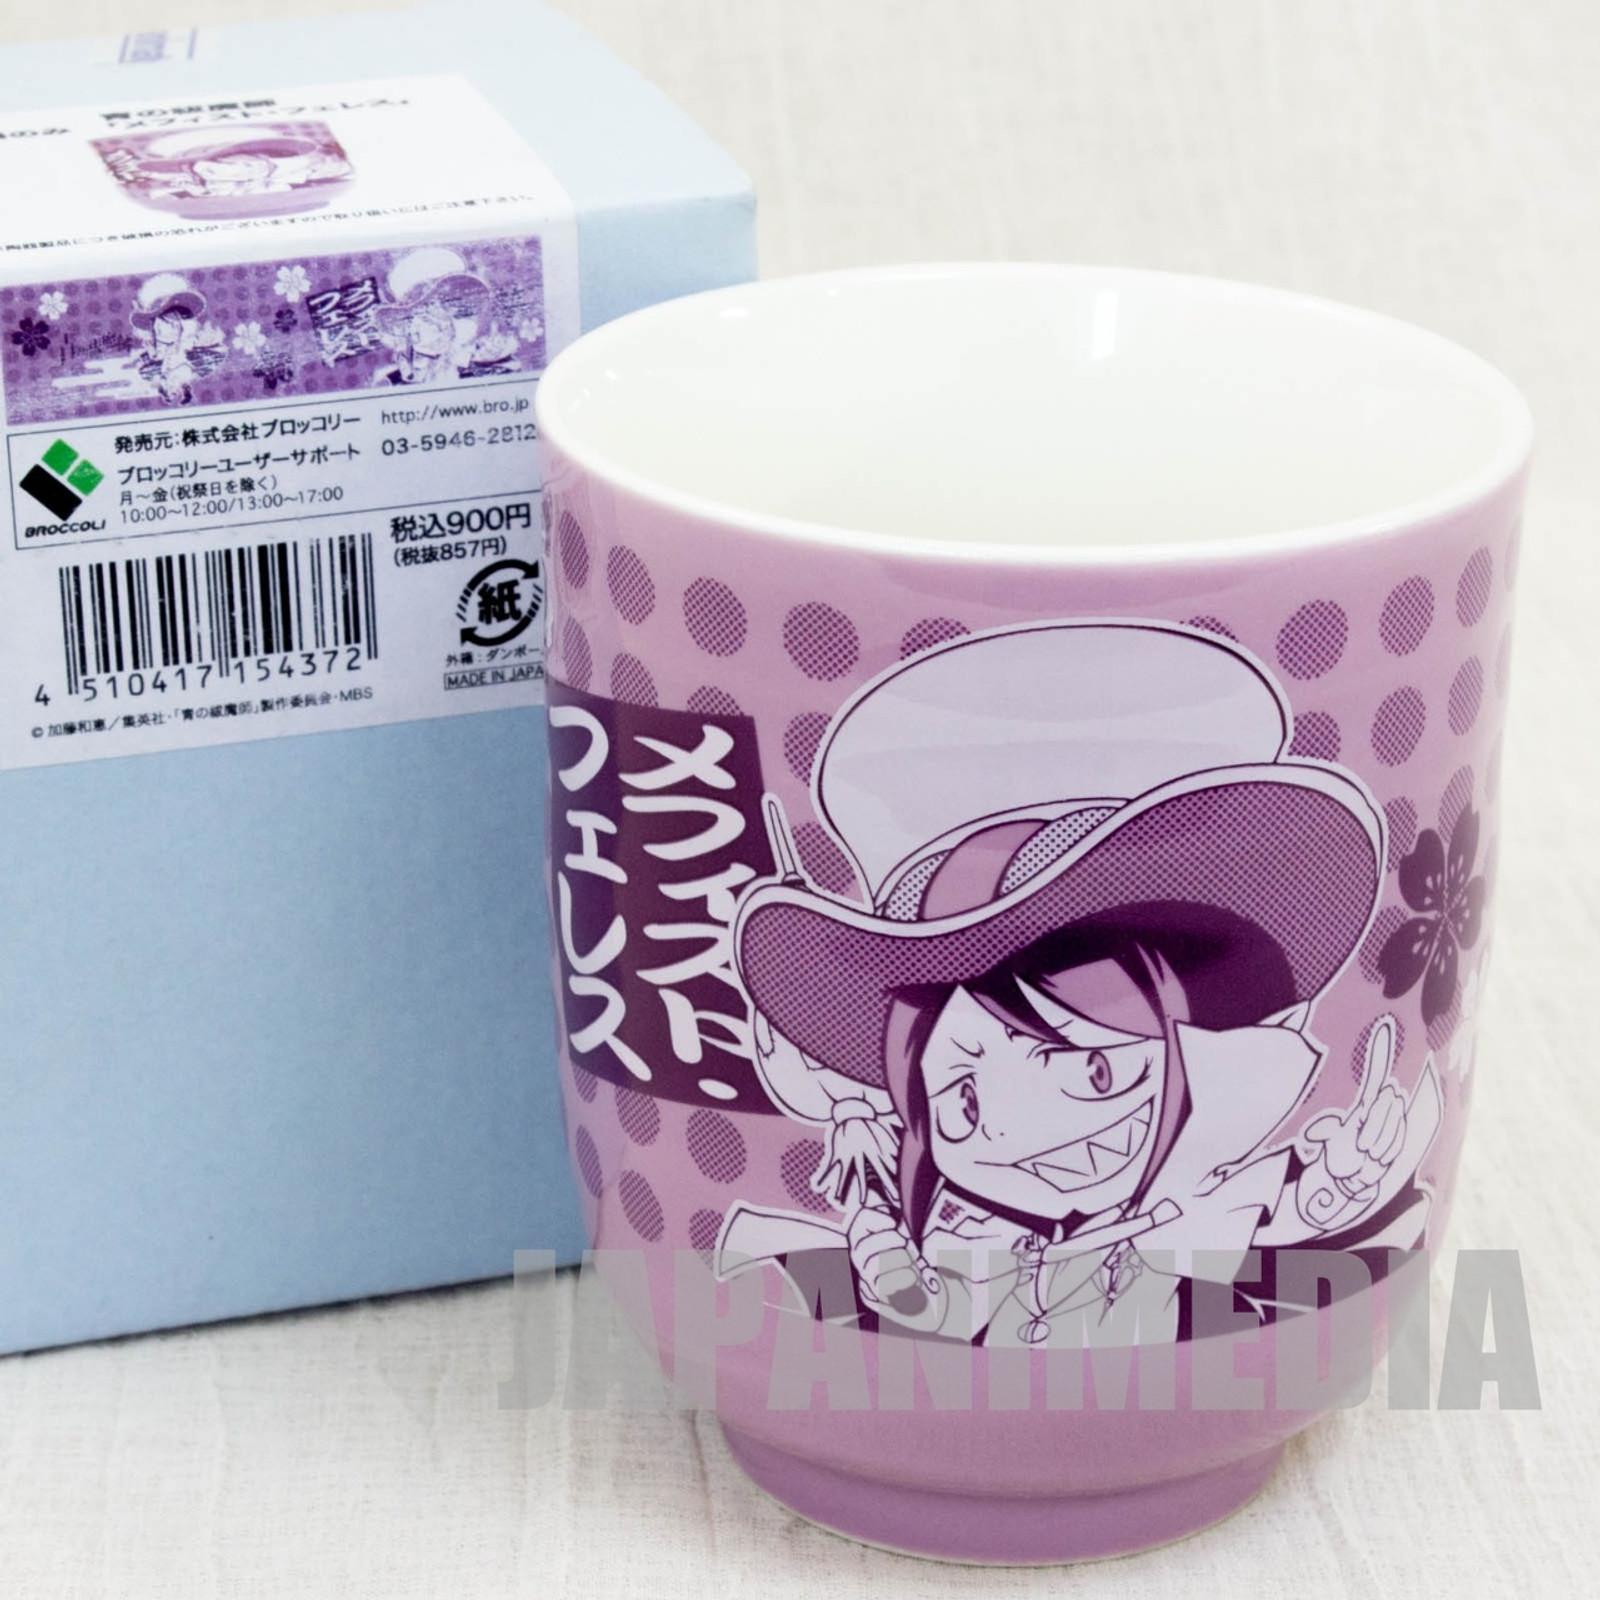 Blue Exorcist Mephisto Pheles Yunomi Japanese Tea Cup JAPAN ANIME MANGA